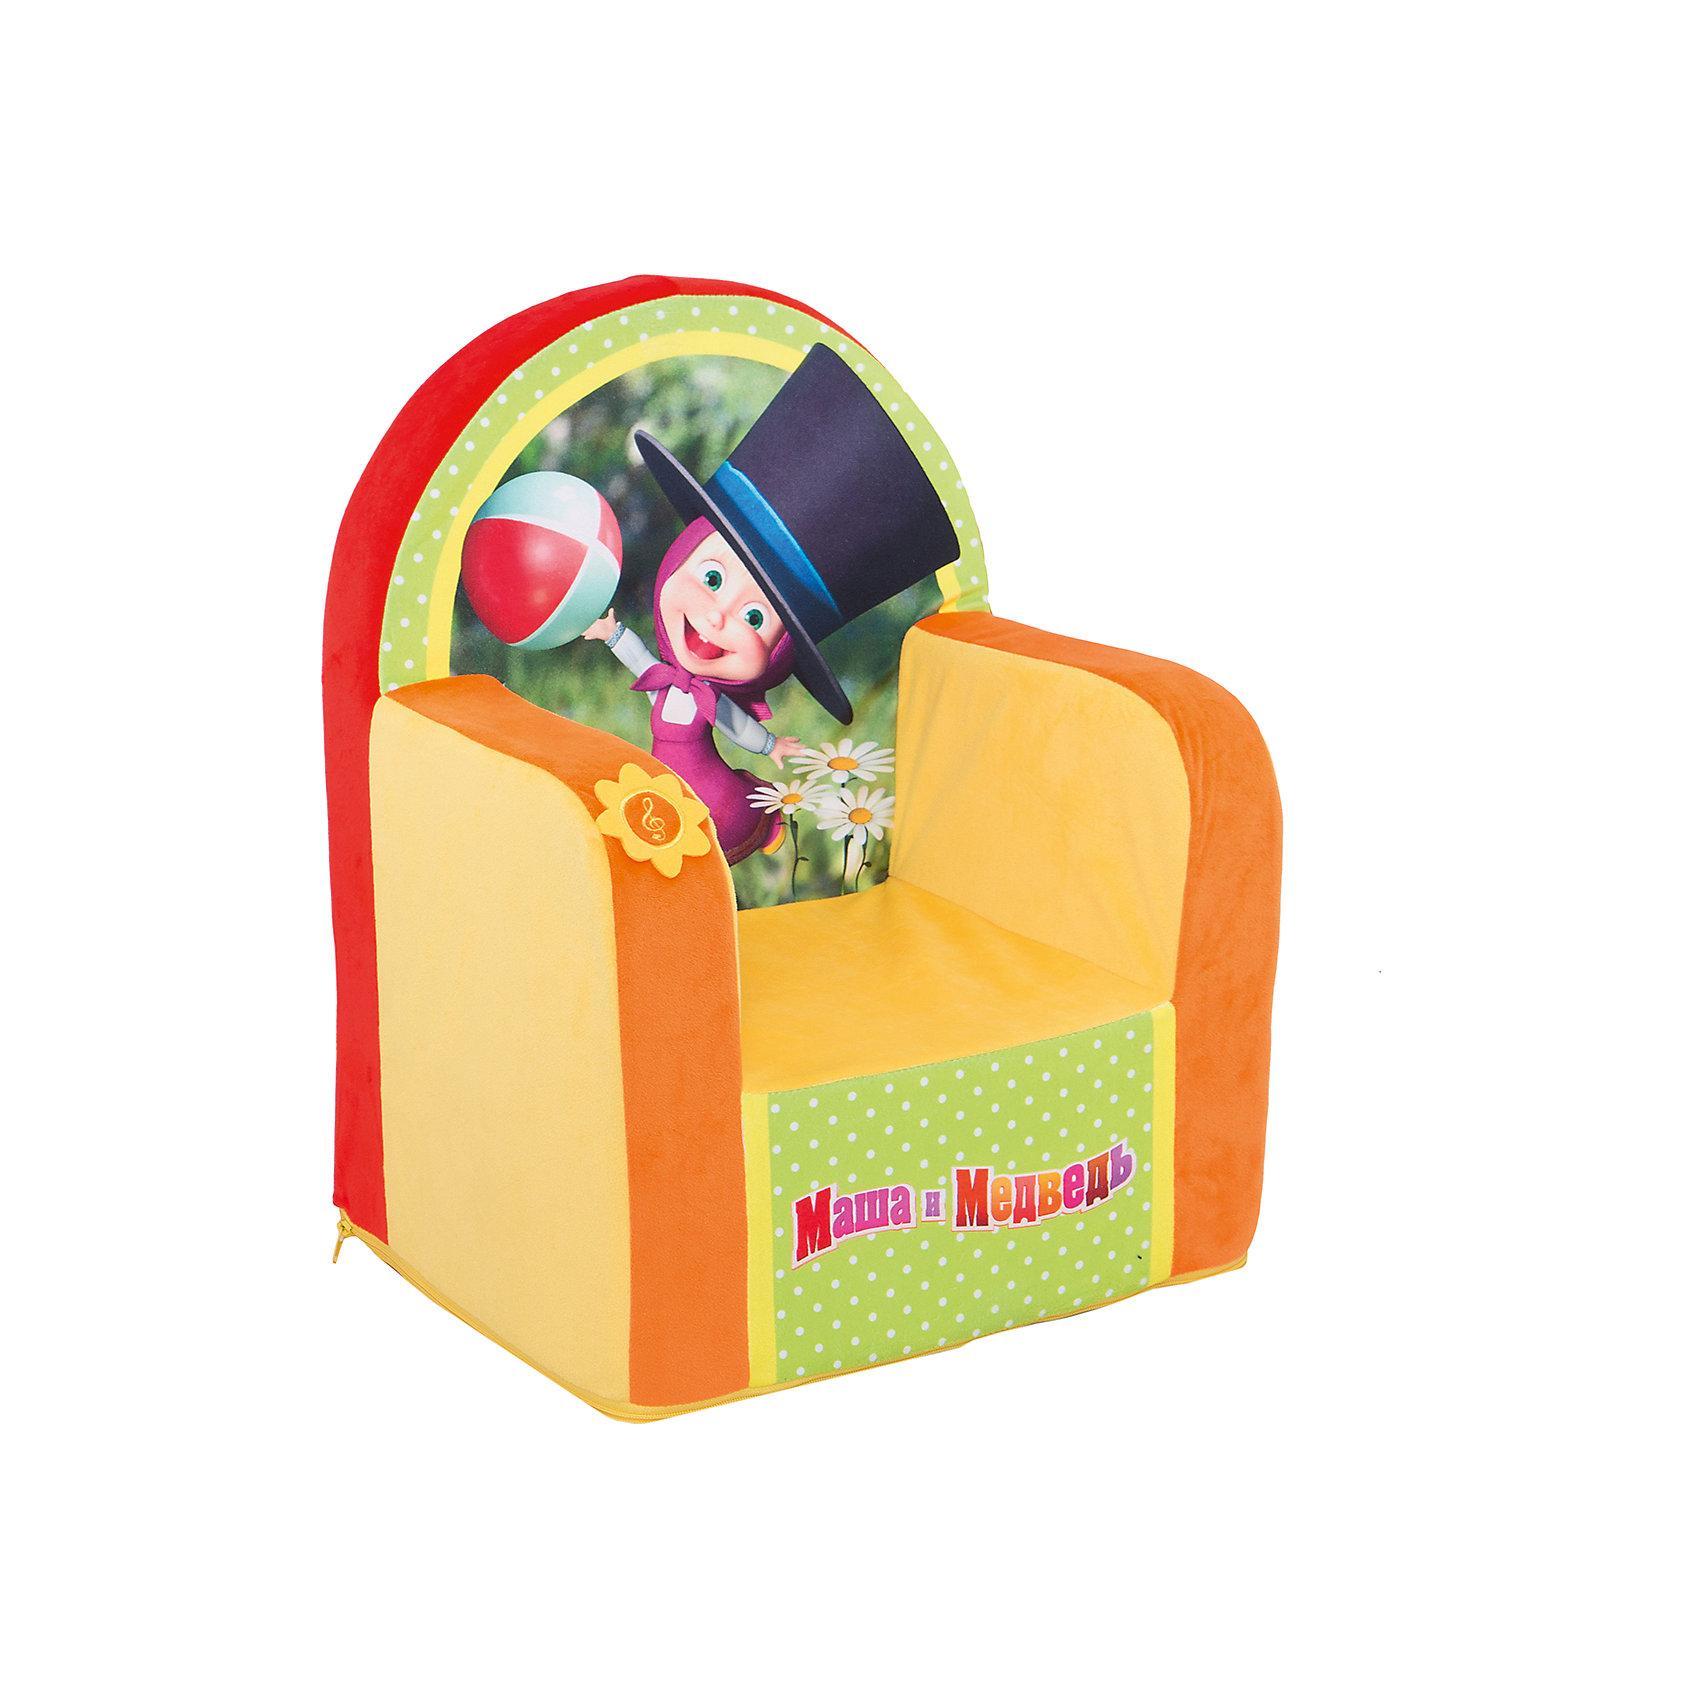 Кресло Маша в цилиндре со звукомУдобное мягкое кресло Маша в цилиндре станет любимым местом отдыха для Вашего малыша и украшением его комнаты. Яркое кресло в оранжево-зеленых тонах украшено изображением веселой девочки Маши из популярного отечественного мультфильма Маша и Медведь.<br>Размеры кресла, мягкий материал, отсутствие жёстких вставок делают его комфортным и безопасным для малыша, а яркий крупный рисунок и дизайн позволяют использовать его для детских игр. Имеются звуковые эффекты.<br><br><br>Дополнительная информация:<br><br>- Материал: текстиль, синтепон.<br>- Размер: 53 х 41 х 32 см.<br>- Вес: 1 кг.<br><br>Кресло Маша в цилиндре со звуком, СмолТойс, можно купить в нашем интернет-магазине.<br><br>Ширина мм: 320<br>Глубина мм: 410<br>Высота мм: 530<br>Вес г: 1000<br>Возраст от месяцев: 36<br>Возраст до месяцев: 2147483647<br>Пол: Унисекс<br>Возраст: Детский<br>SKU: 4182423